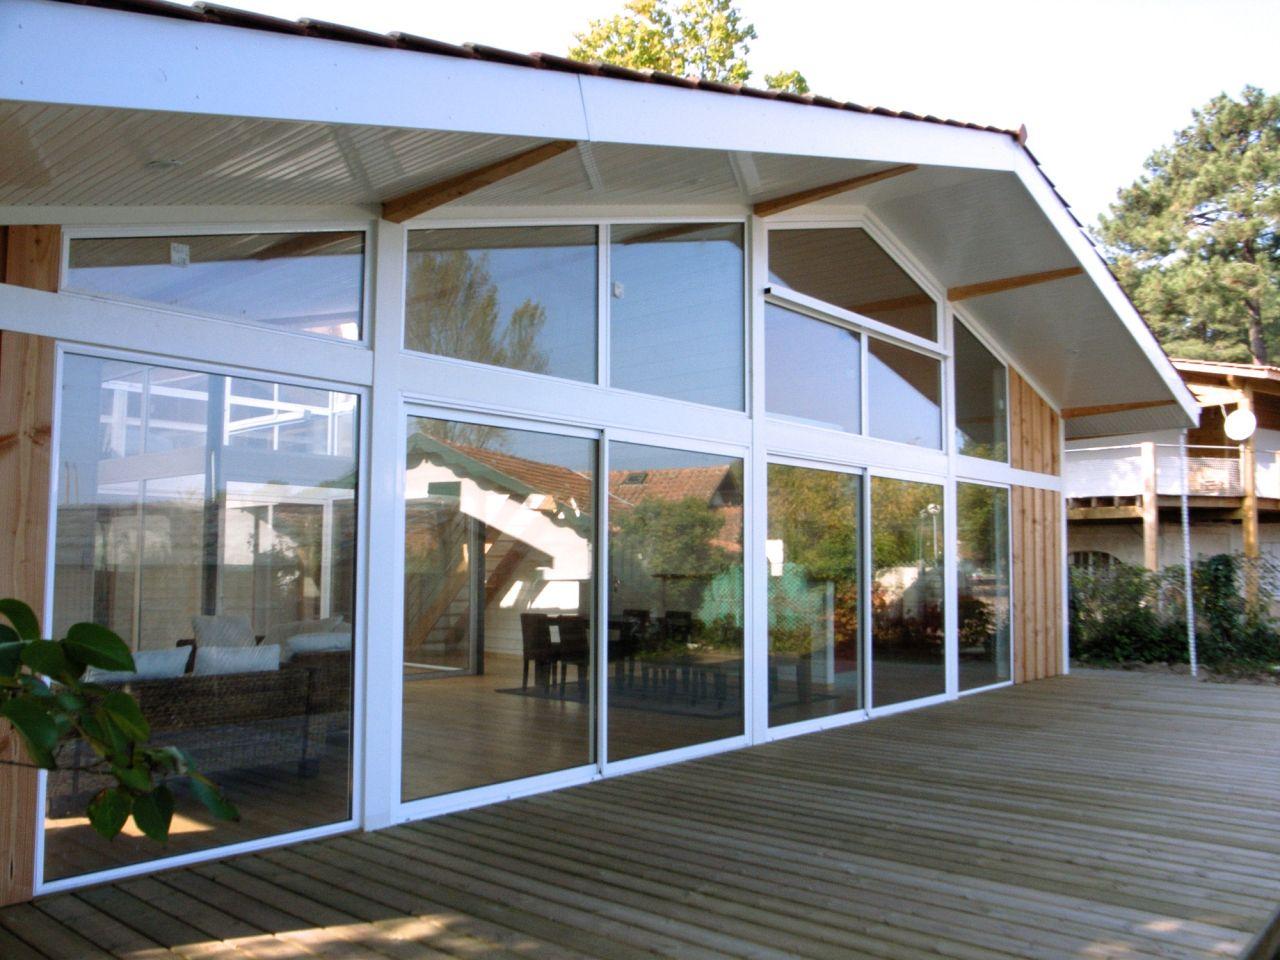 Maison bois et m tal architecte bordeaux denis cartier architecte - Maison bois metal ...